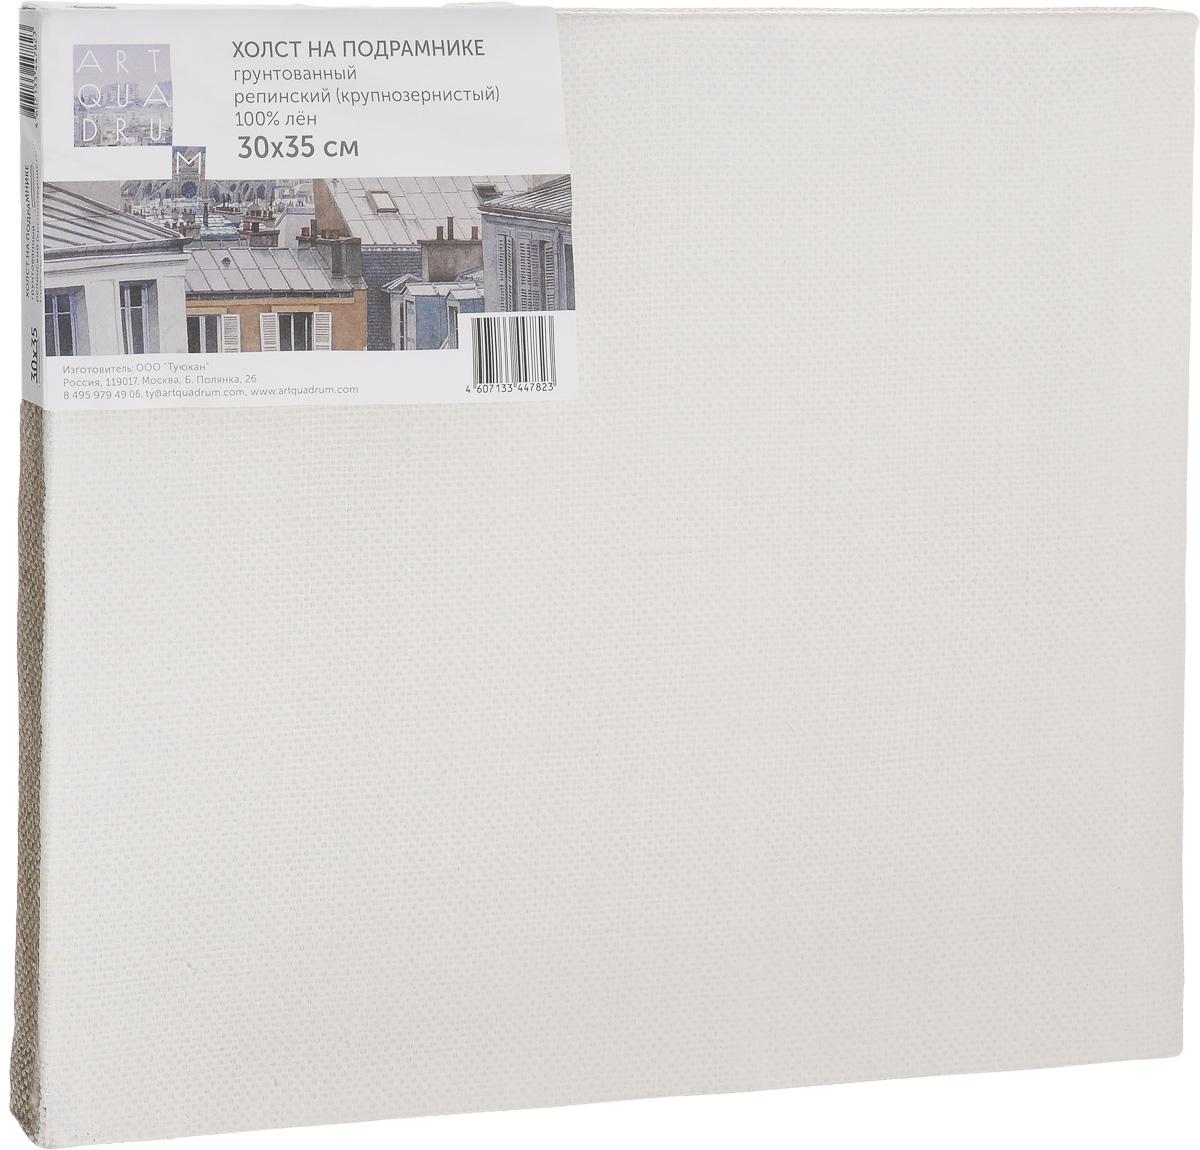 Холст на подрамнике Туюкан Репинский, 30 х 35 смТ0003912Холст для живописи грунтованный на подрамнике. Идеально подходит для работы маслом, акрилом. 100% лен.